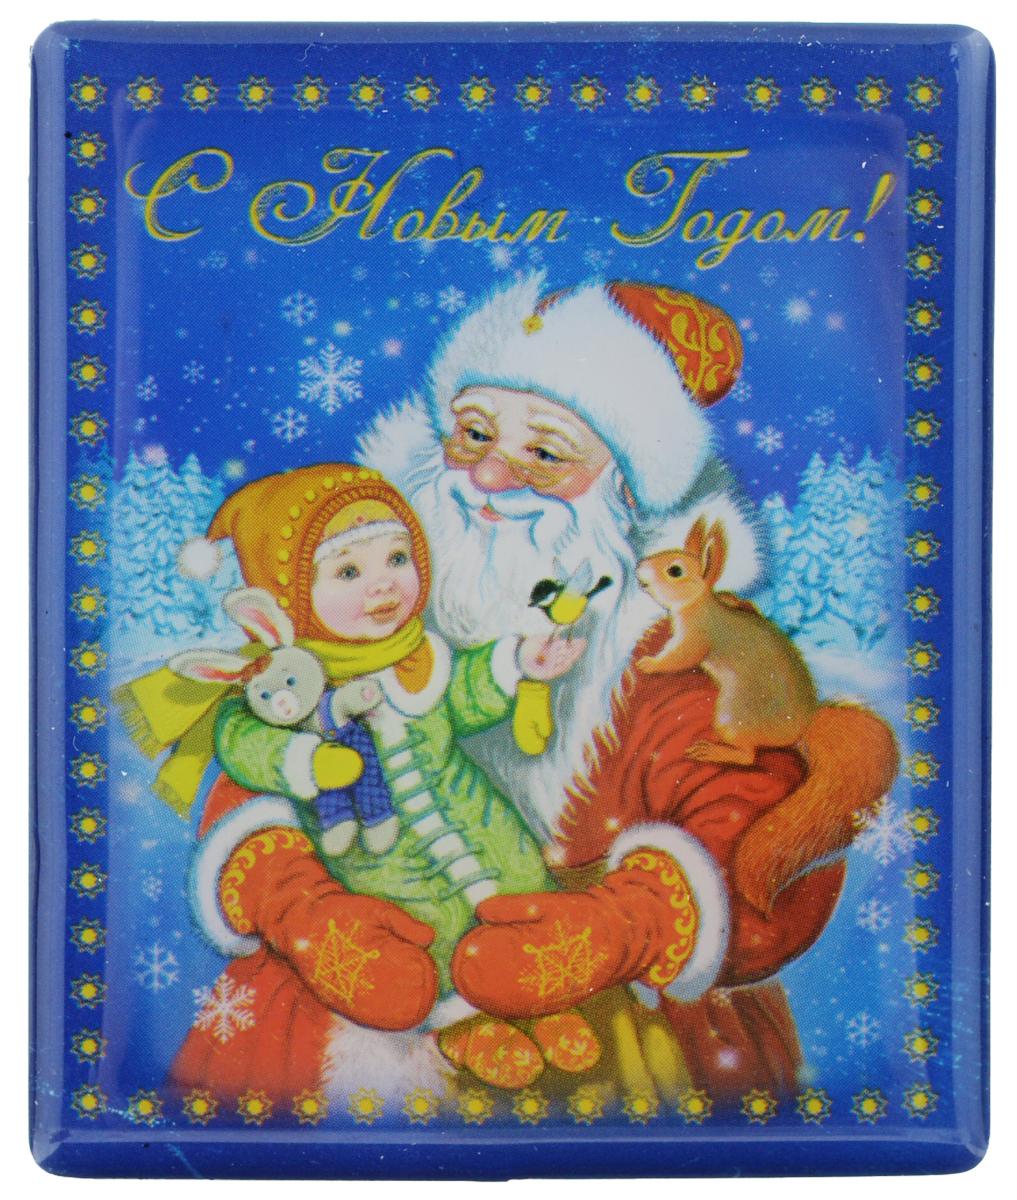 Магнит Феникс-презент Дед Мороз с ребенком, 6 см х 5 см38377Магнит прямоугольной формы Феникс-презент Дед Мороз с ребенком, выполненный из агломерированного феррита, станет приятным штрихом в повседневной жизни. Оригинальный магнит поможет вам украсить не только холодильник, но и любую другую магнитную поверхность. Материал: агломерированный феррит.